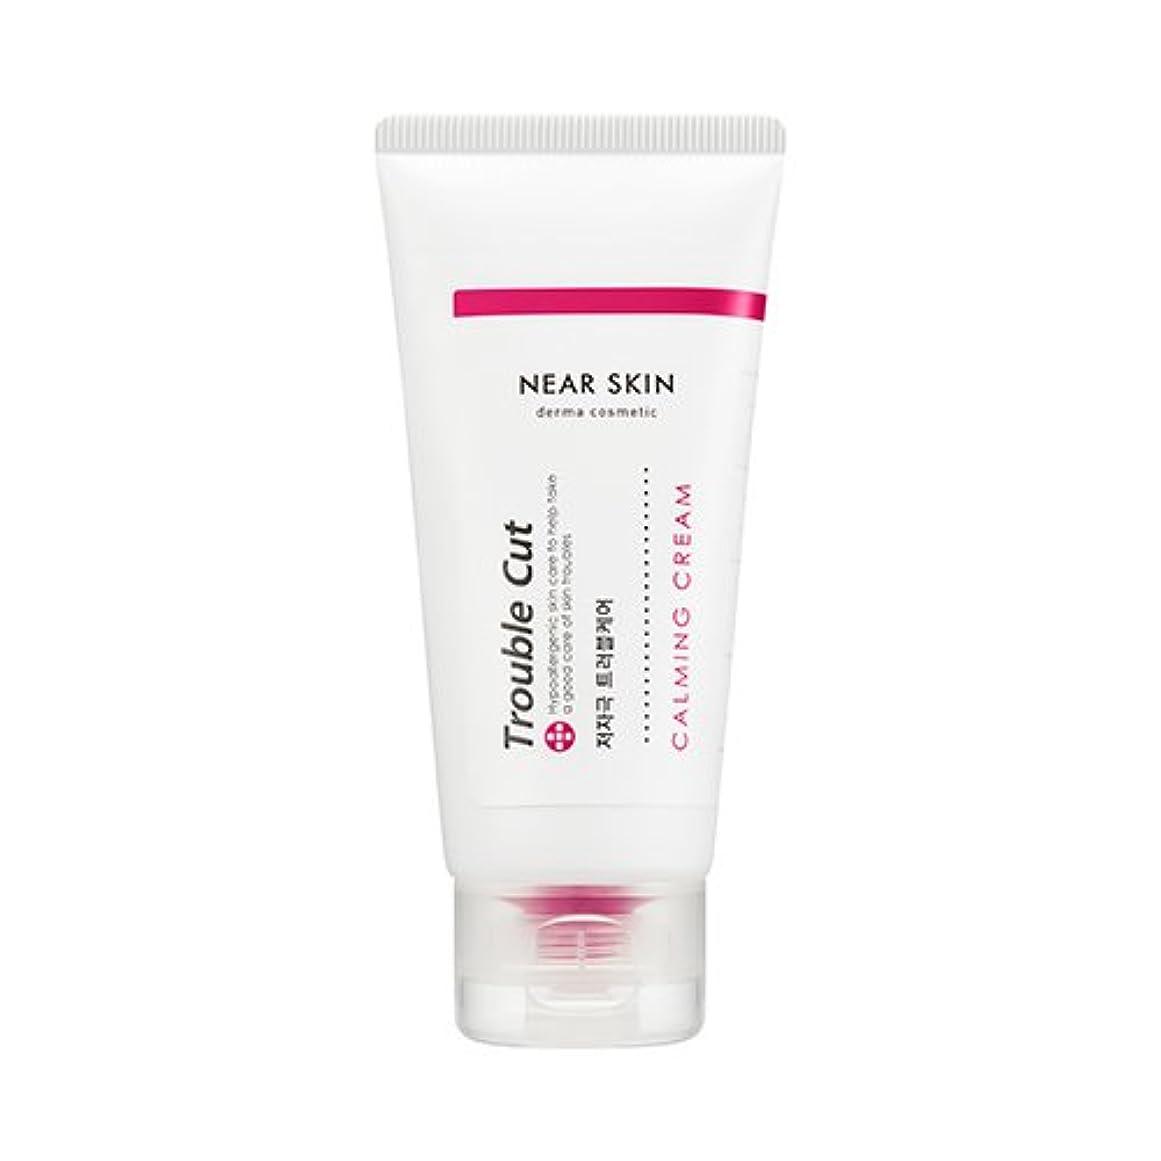 財布警報マサッチョMISSHA [Near Skin] Trouble Cut Calming Cream 20ml / ミシャ ニアスキン トラブルカットカミングクリーム [並行輸入品]